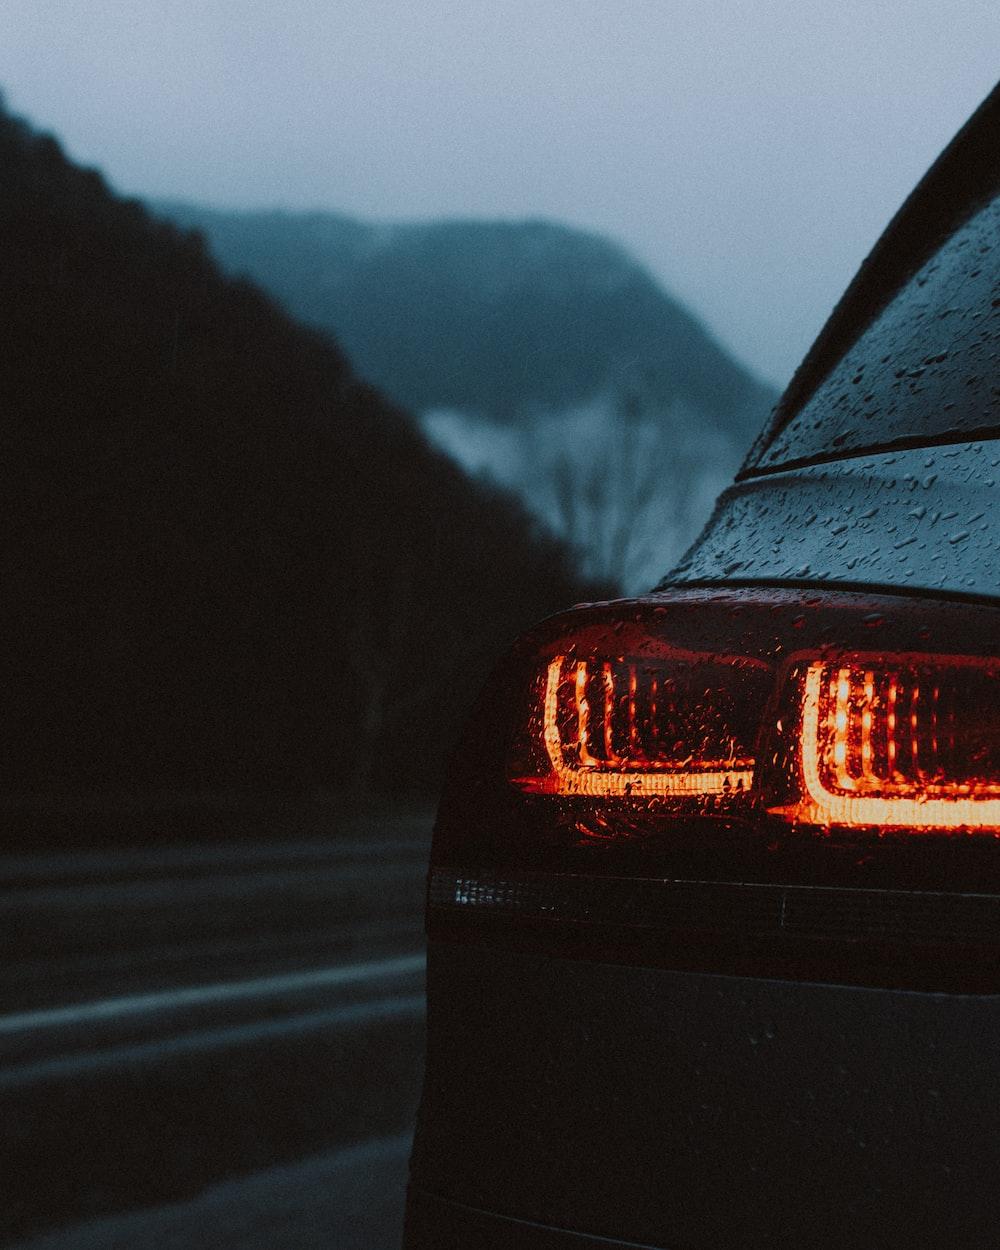 vehicle on road